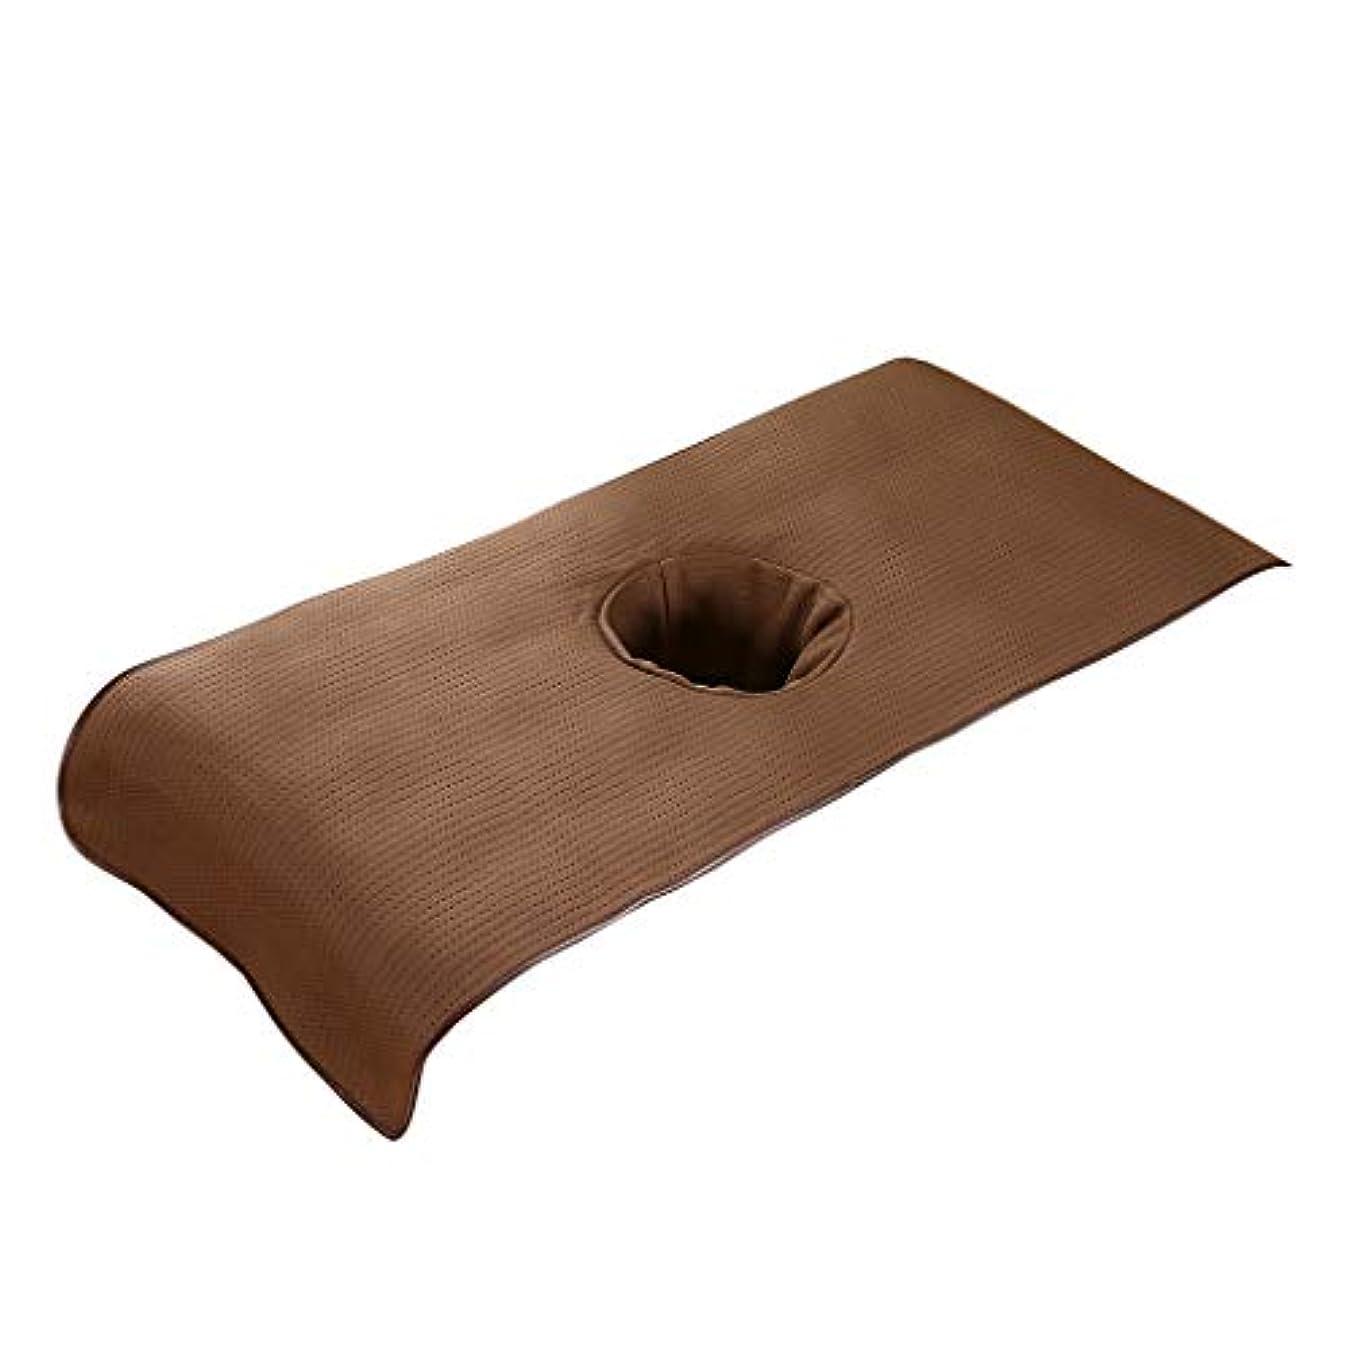 娯楽膨らみシェルターKESOTO スパ マッサージベッドカバー 有孔 美容ベッドカバー マッサージテーブルスカート 快適 通気性 - 褐色